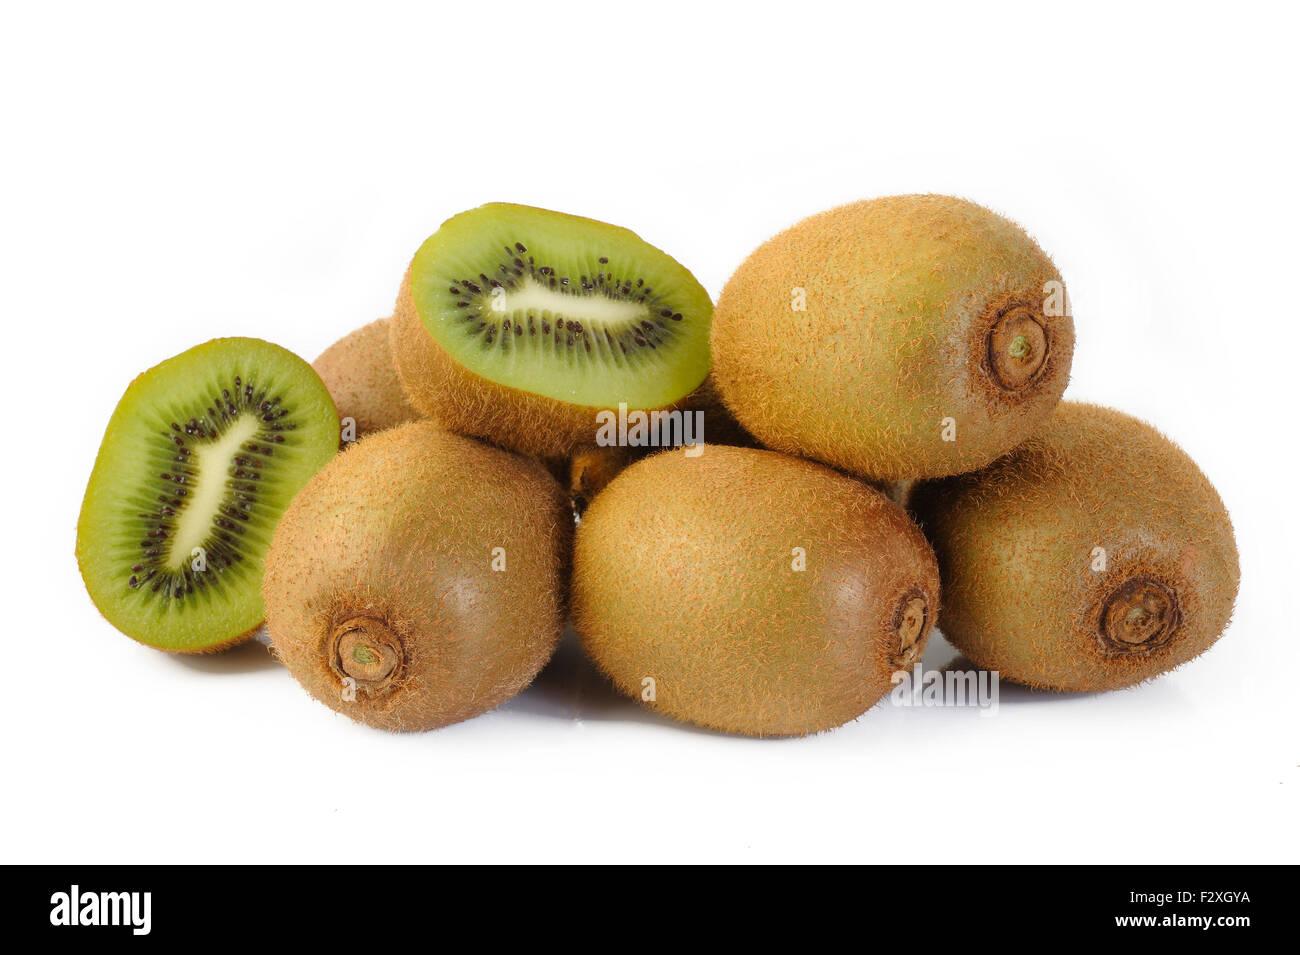 Kiwi fruit sliced - Stock Image